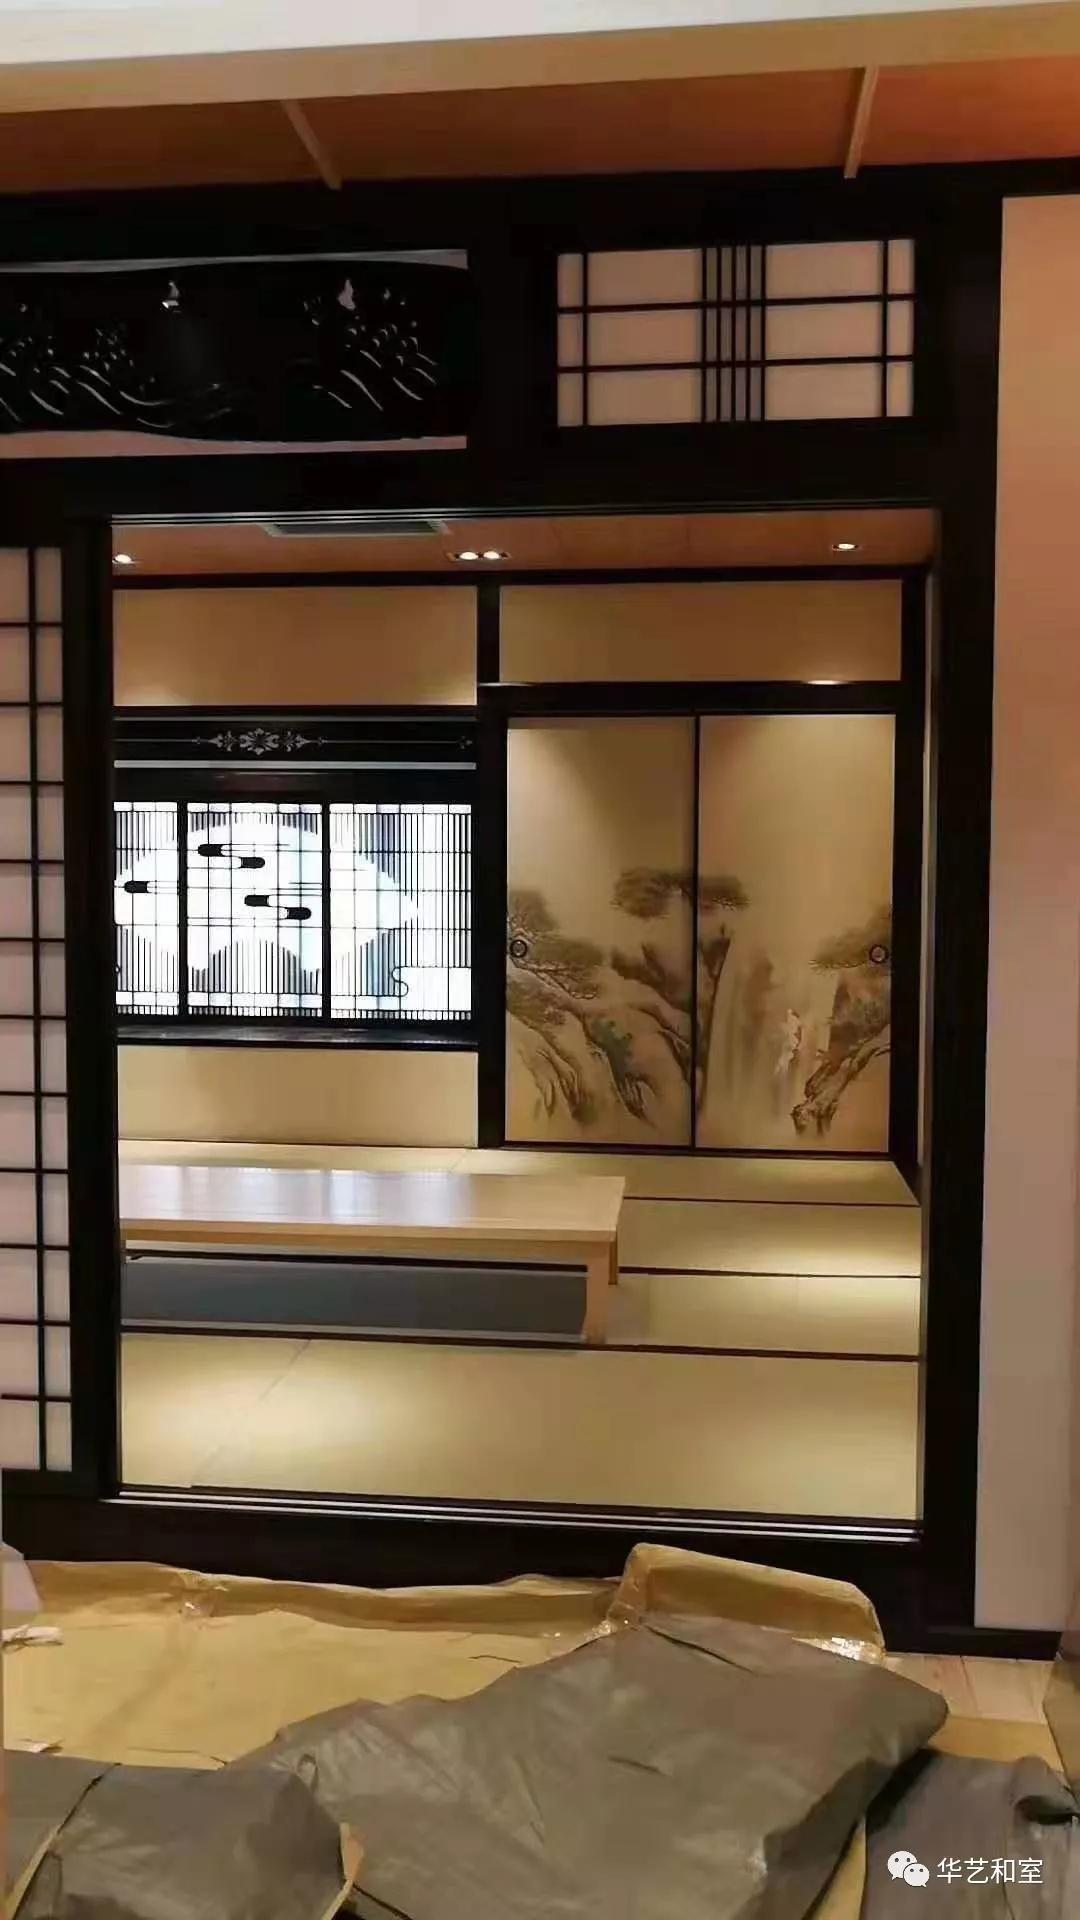 【華藝和室】客户家安装安装案例。(图)_14